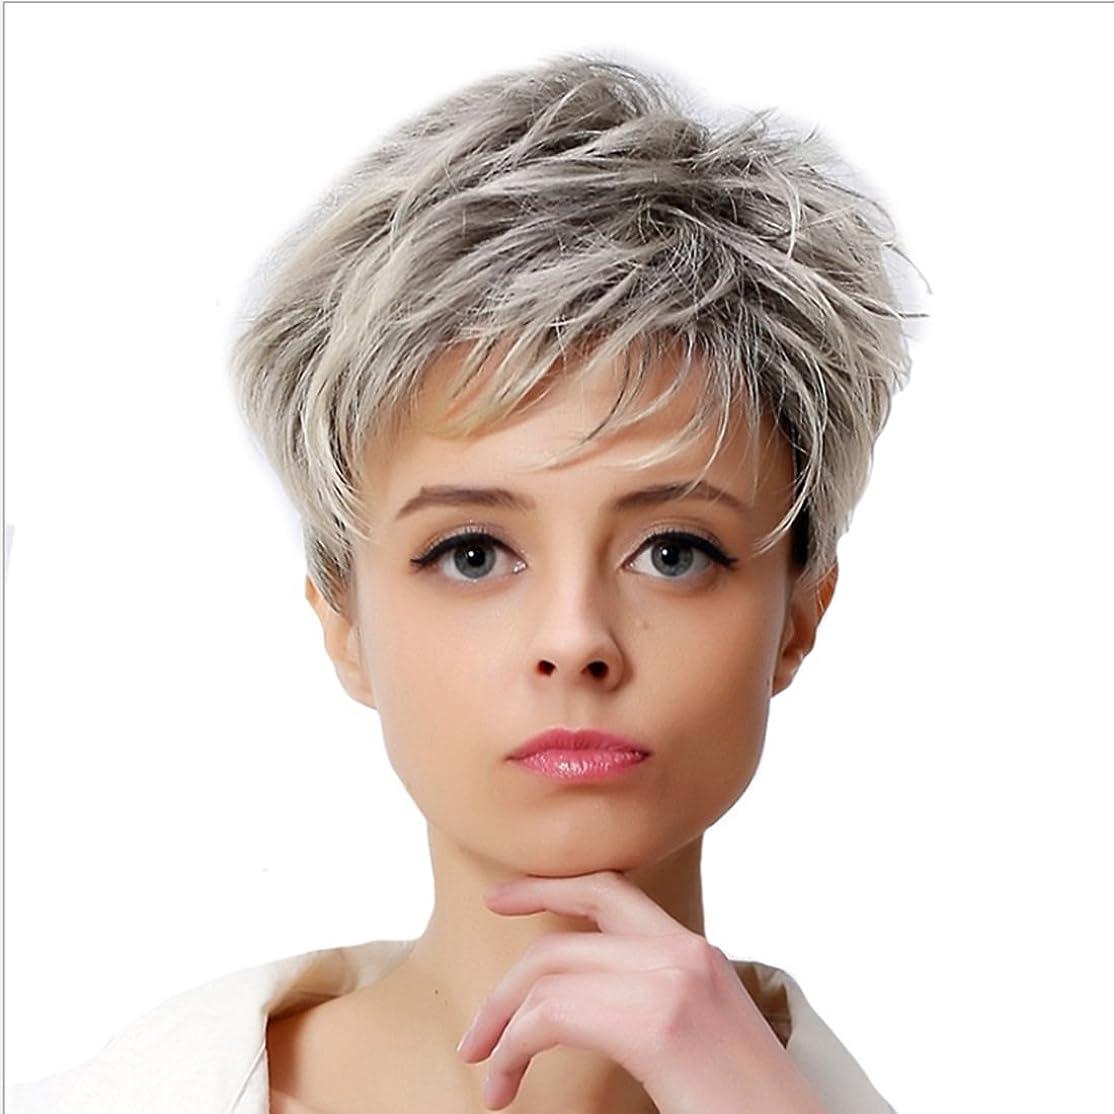 書店すき受け入れKoloeplf 女性のための優雅なかつらエアーフラットバンズウィッグとショートカーリーヘアー女性のための耐熱性のあるふわふわウィッグ10inch / 11inch(灰色がかった白、金色) (Color : Grayish white)